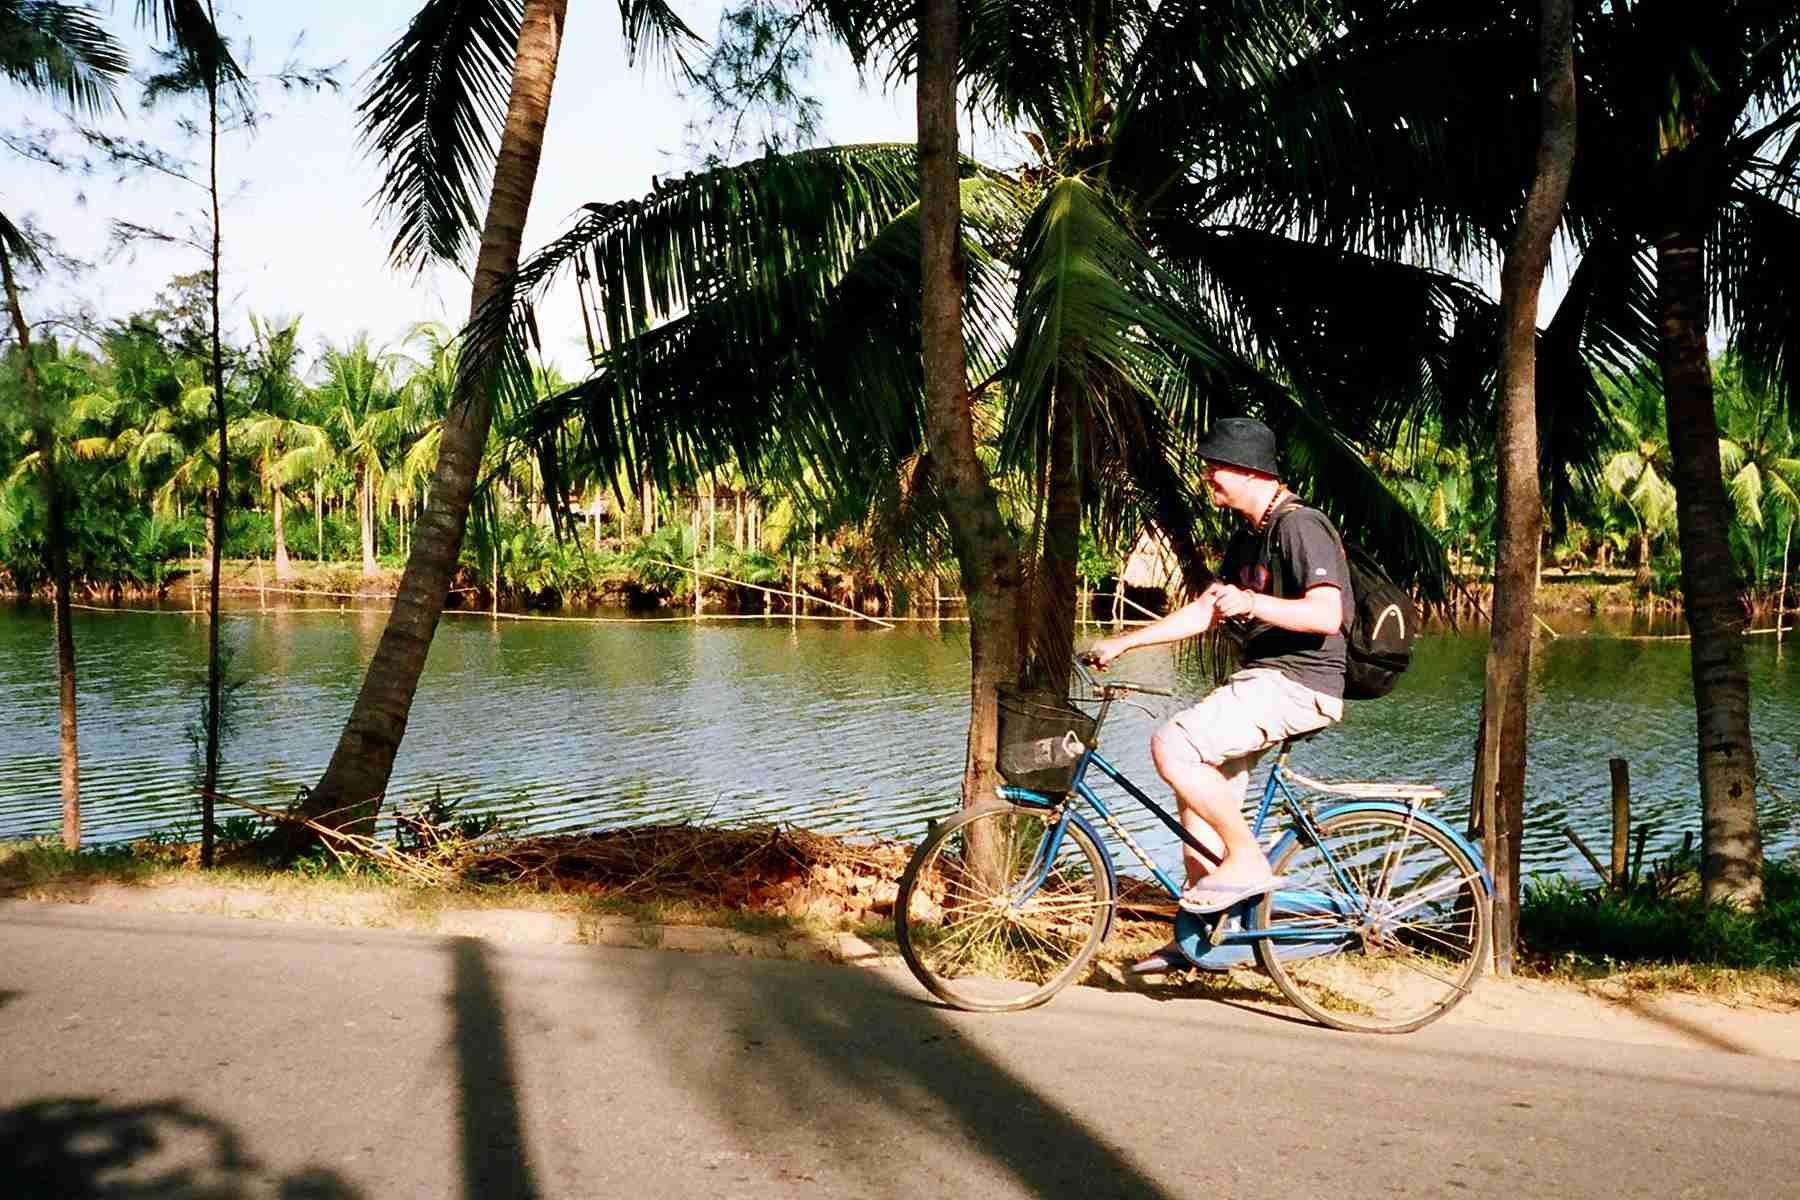 Hoi An biking tour